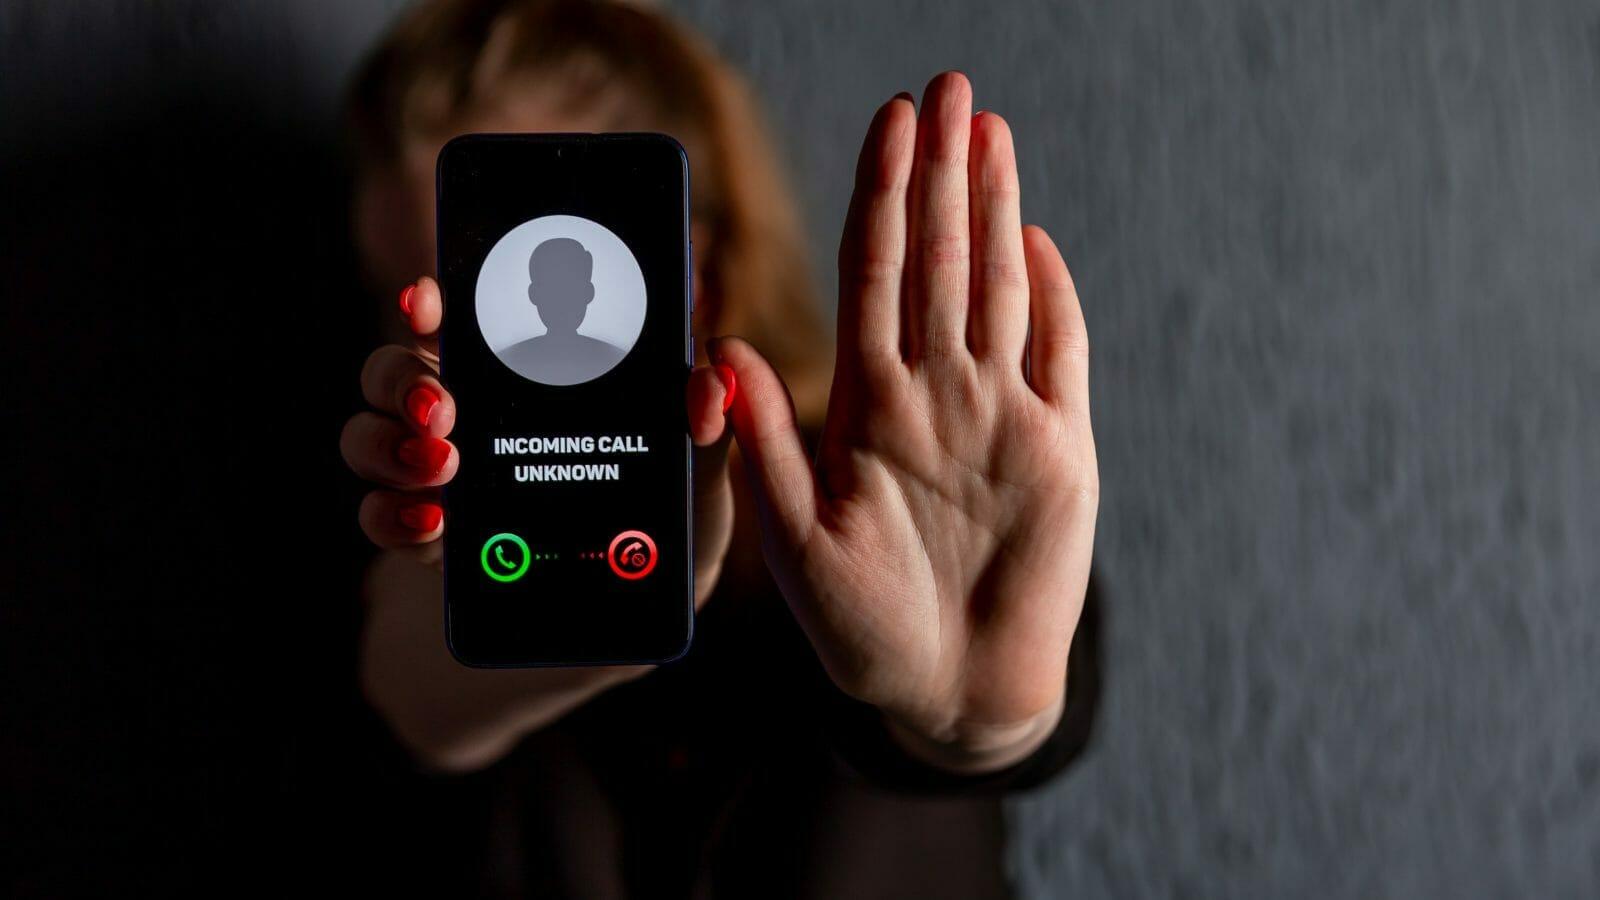 stop robocalls phone screen